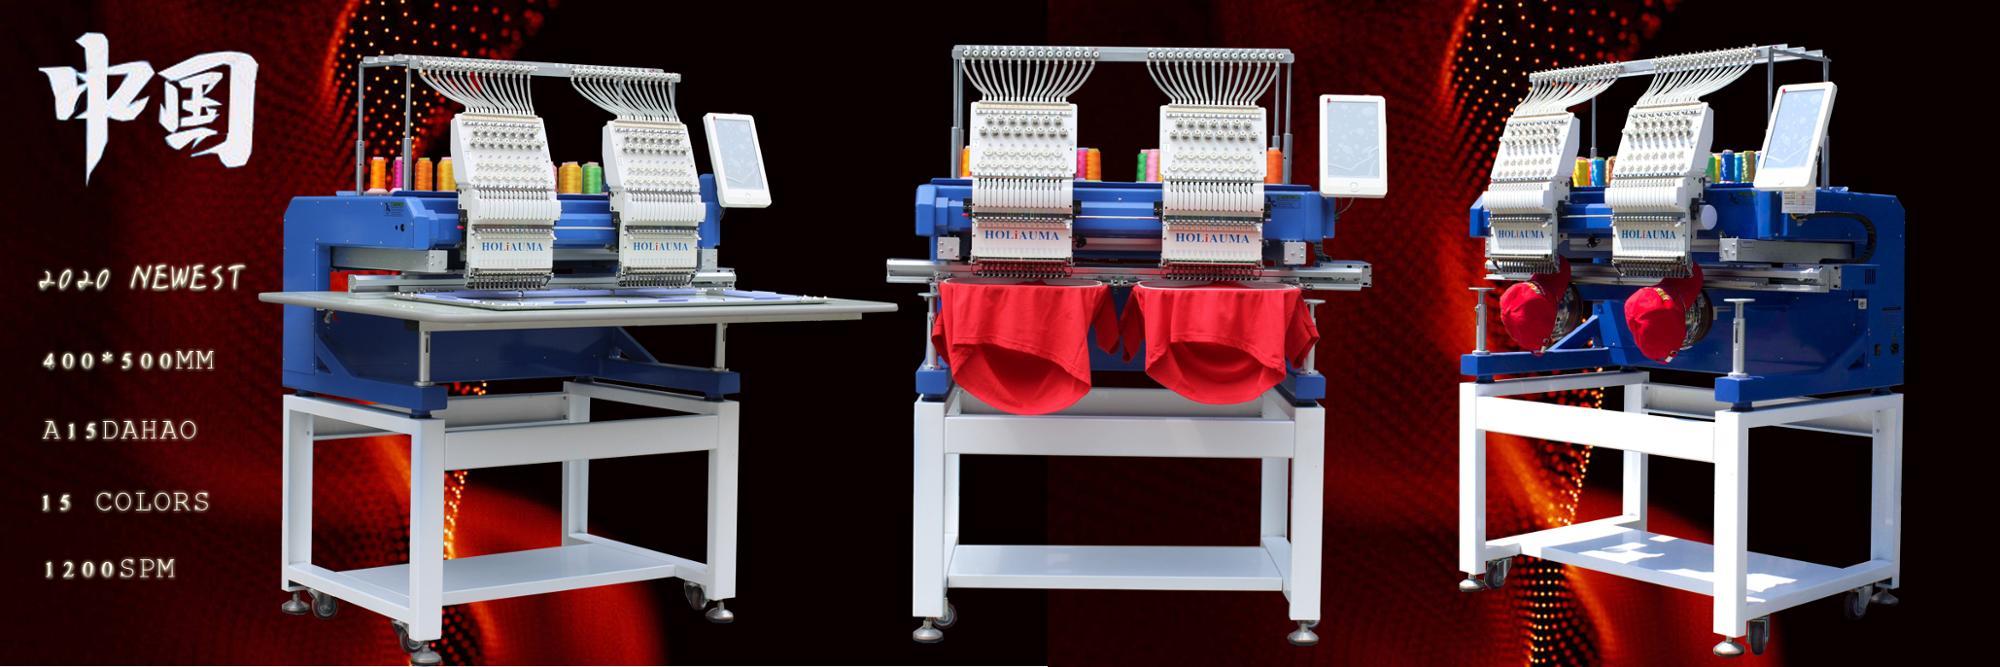 Mesmo como Tajima swf//máquina de bordar feliz HOLiAUMA recentes 2 cabeça da máquina do bordado para o chapéu/camiseta/flat